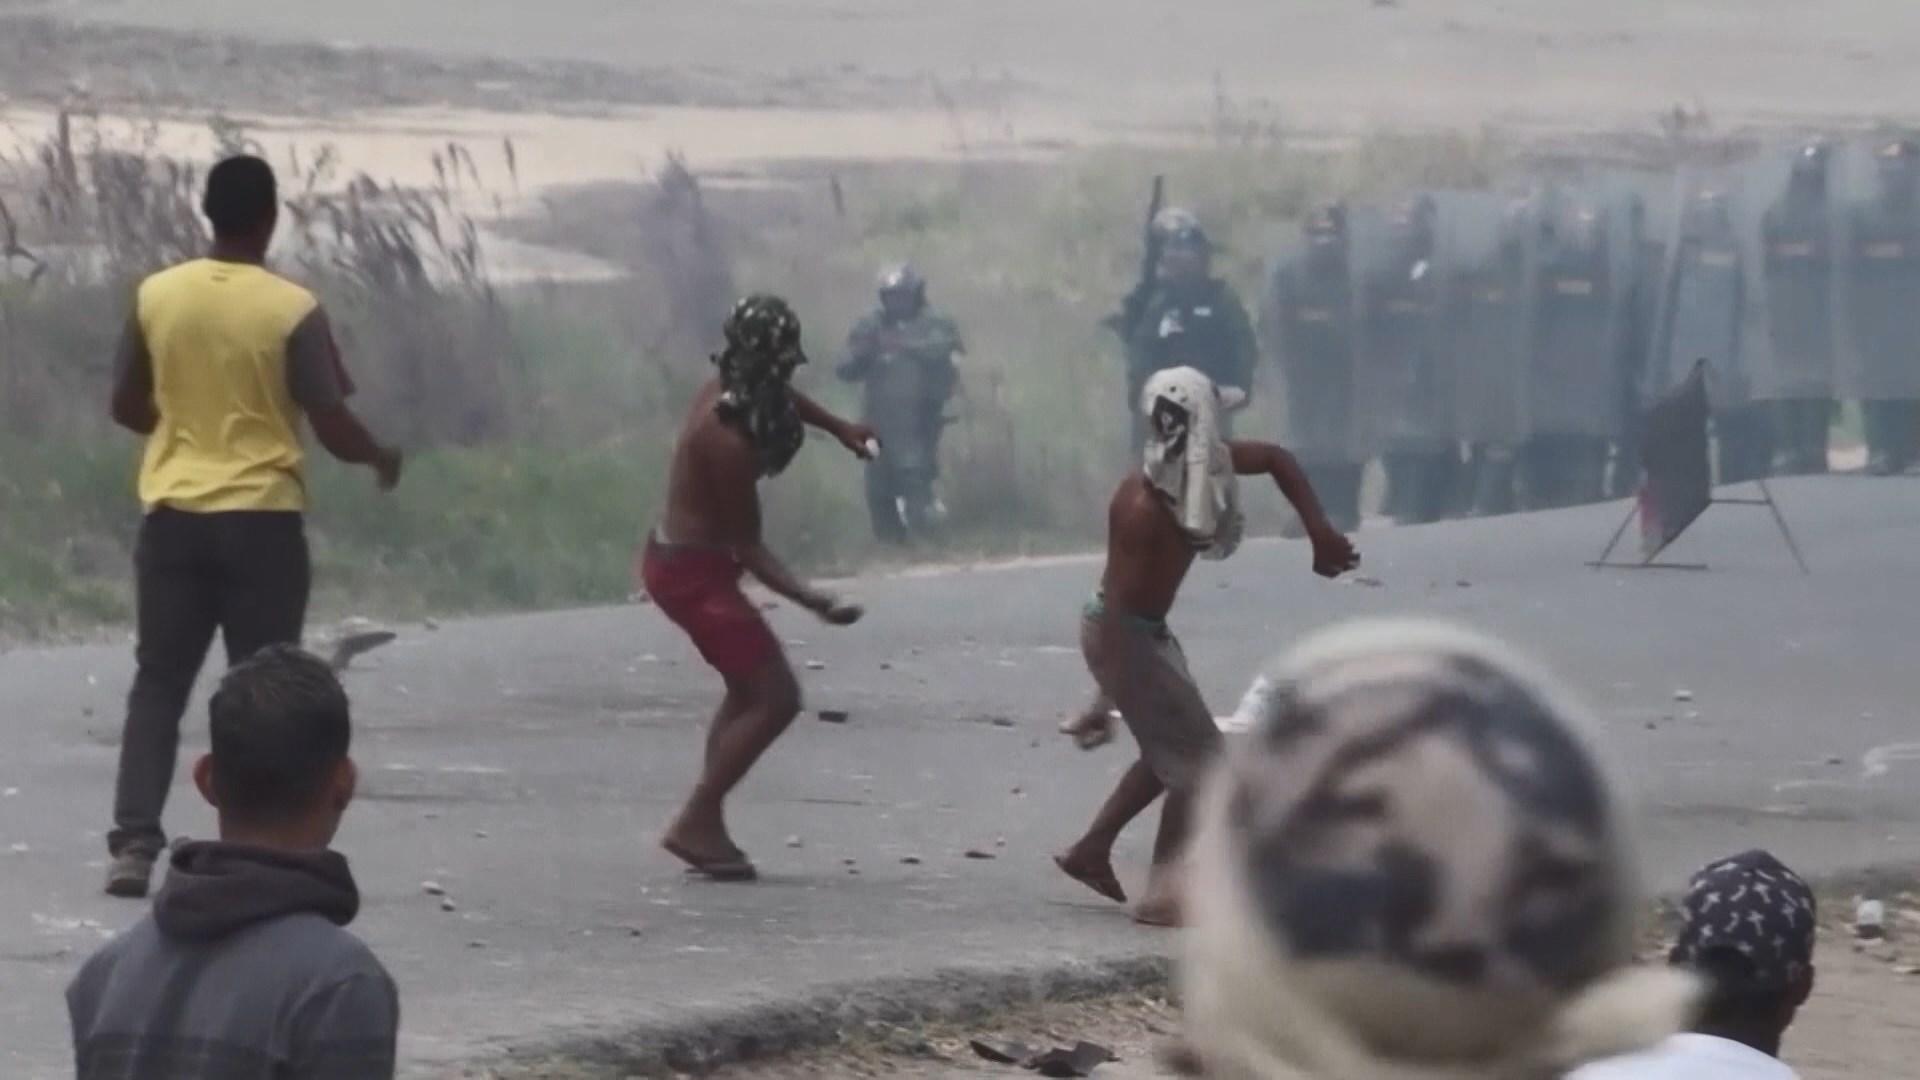 傳美國以軍事選項處理委內瑞拉局勢機會不大